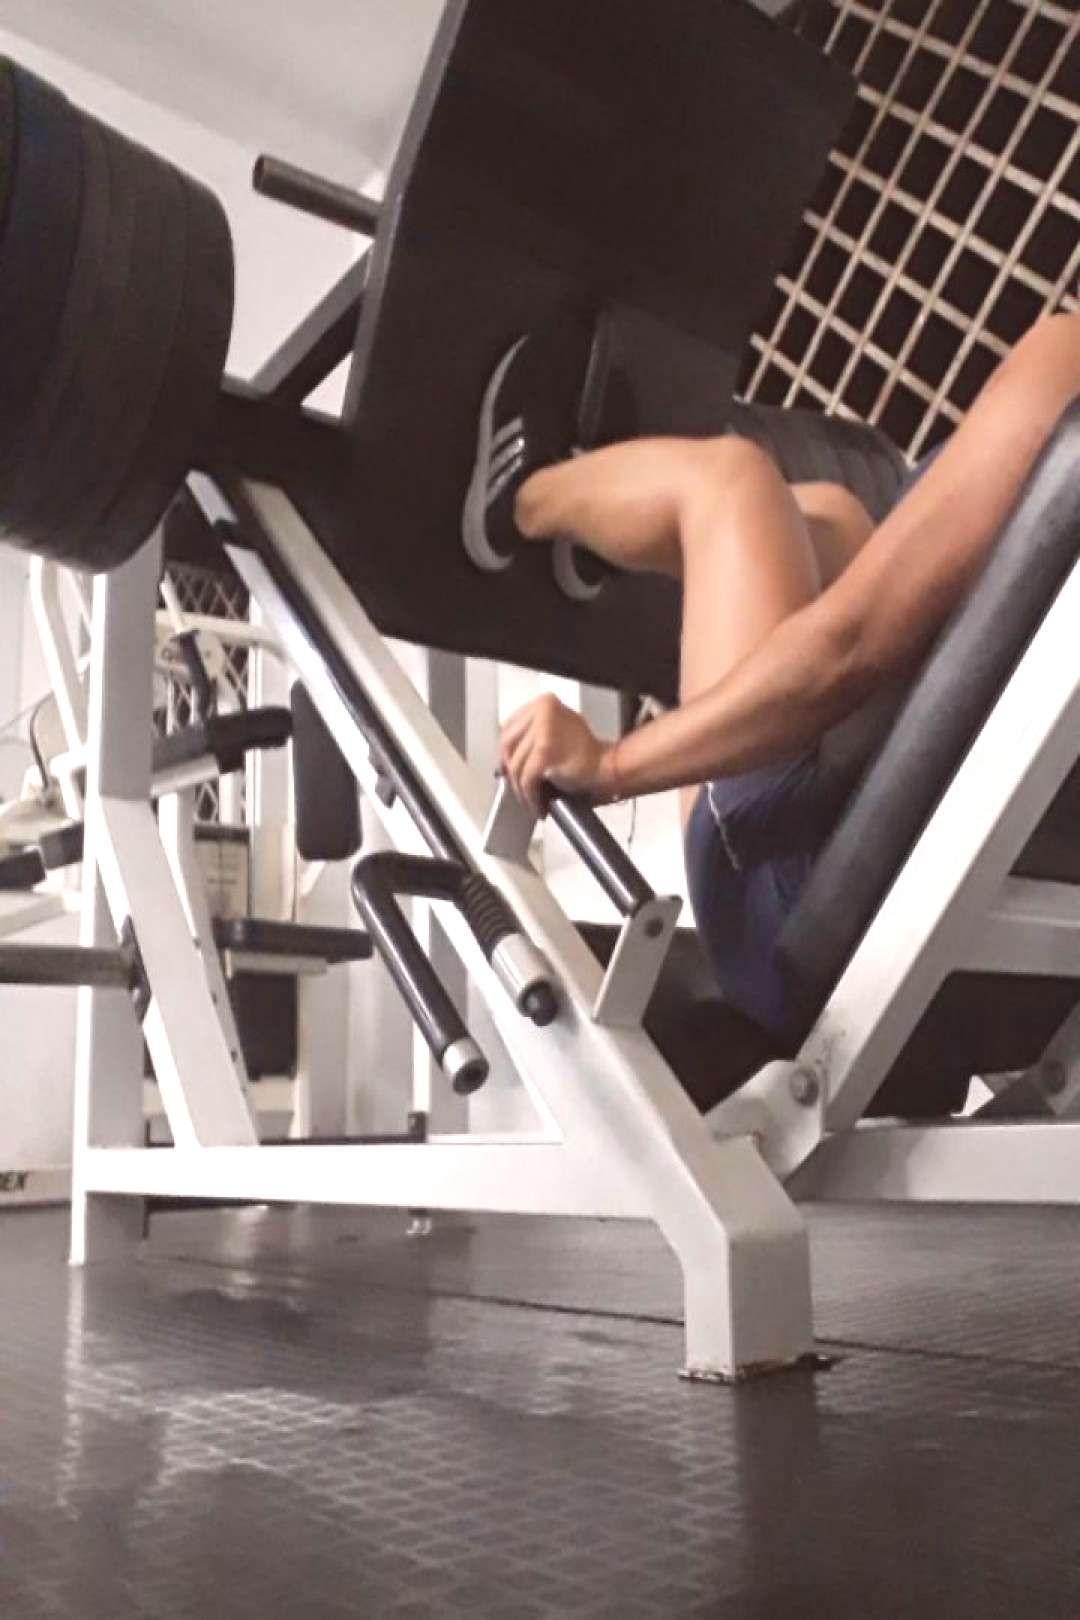 #gymmotivation #deportivas #dedicacion #deleito #fitness #discipl #esto #gym #me #en Me deleito en e...